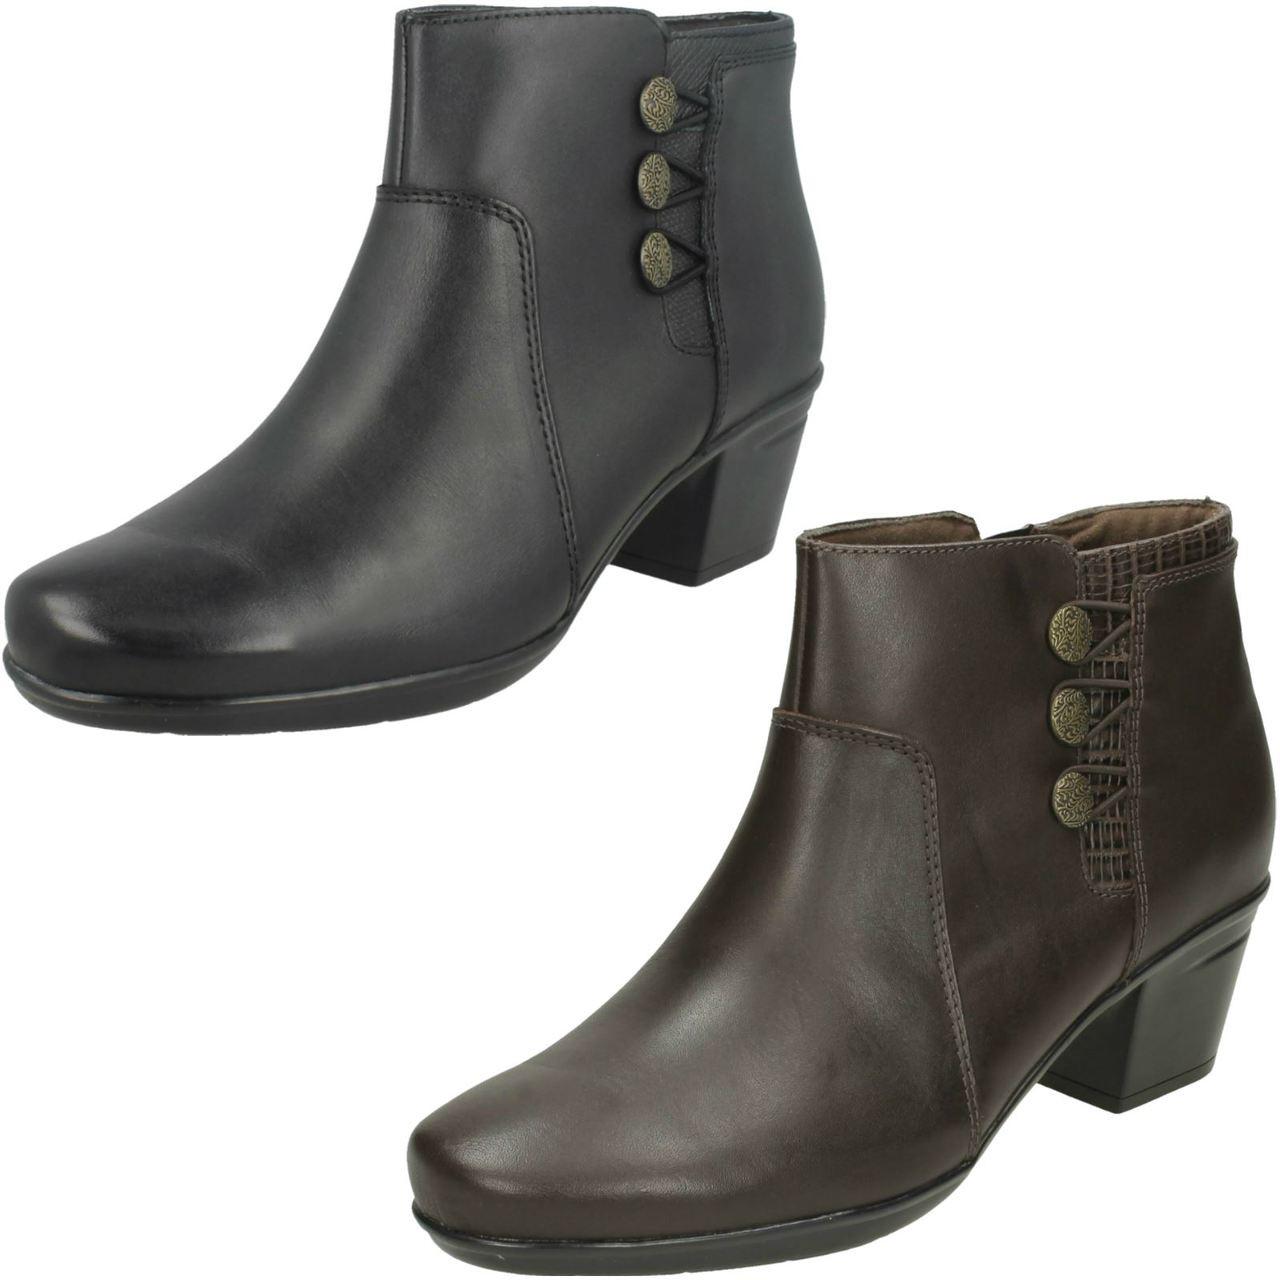 Ladies Clarks Ankle Boots Emslie Monet